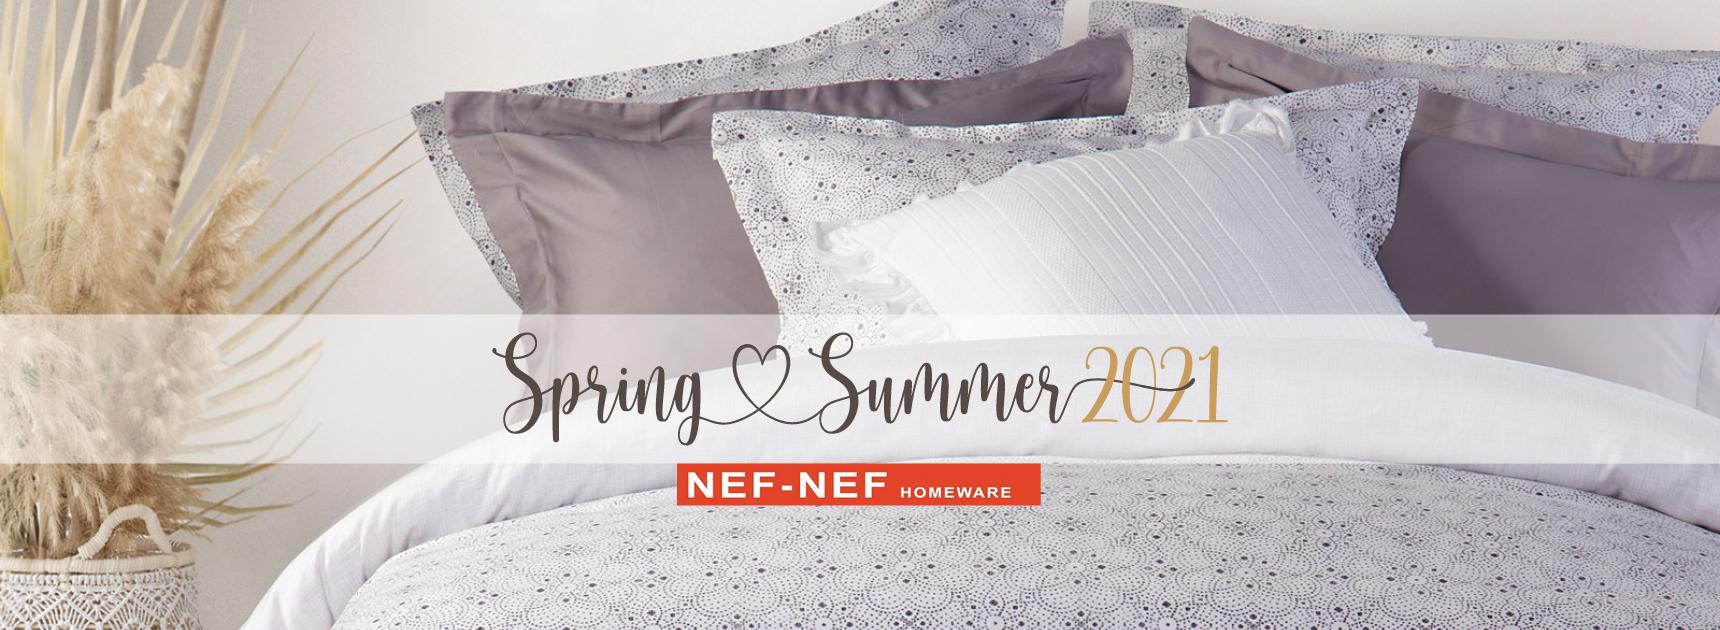 NEF-NEF Slide 2